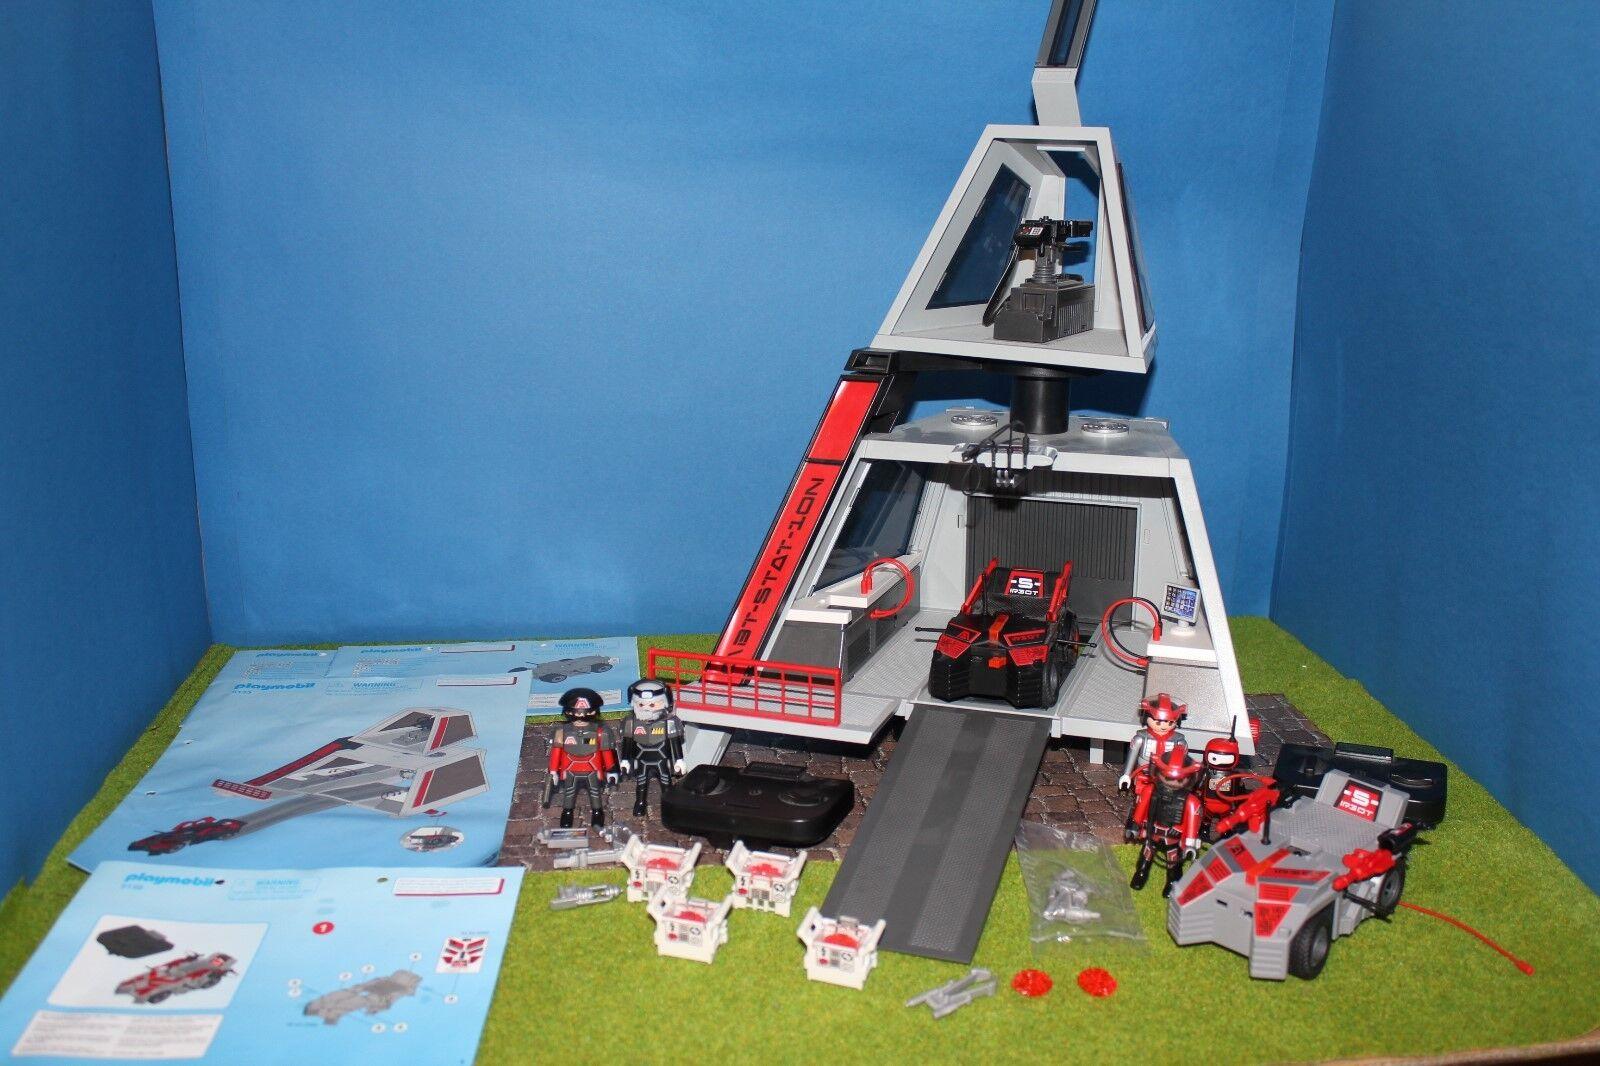 Playmobil Future Planet Ottime  Condizioni 5153 5156  economico in alta qualità